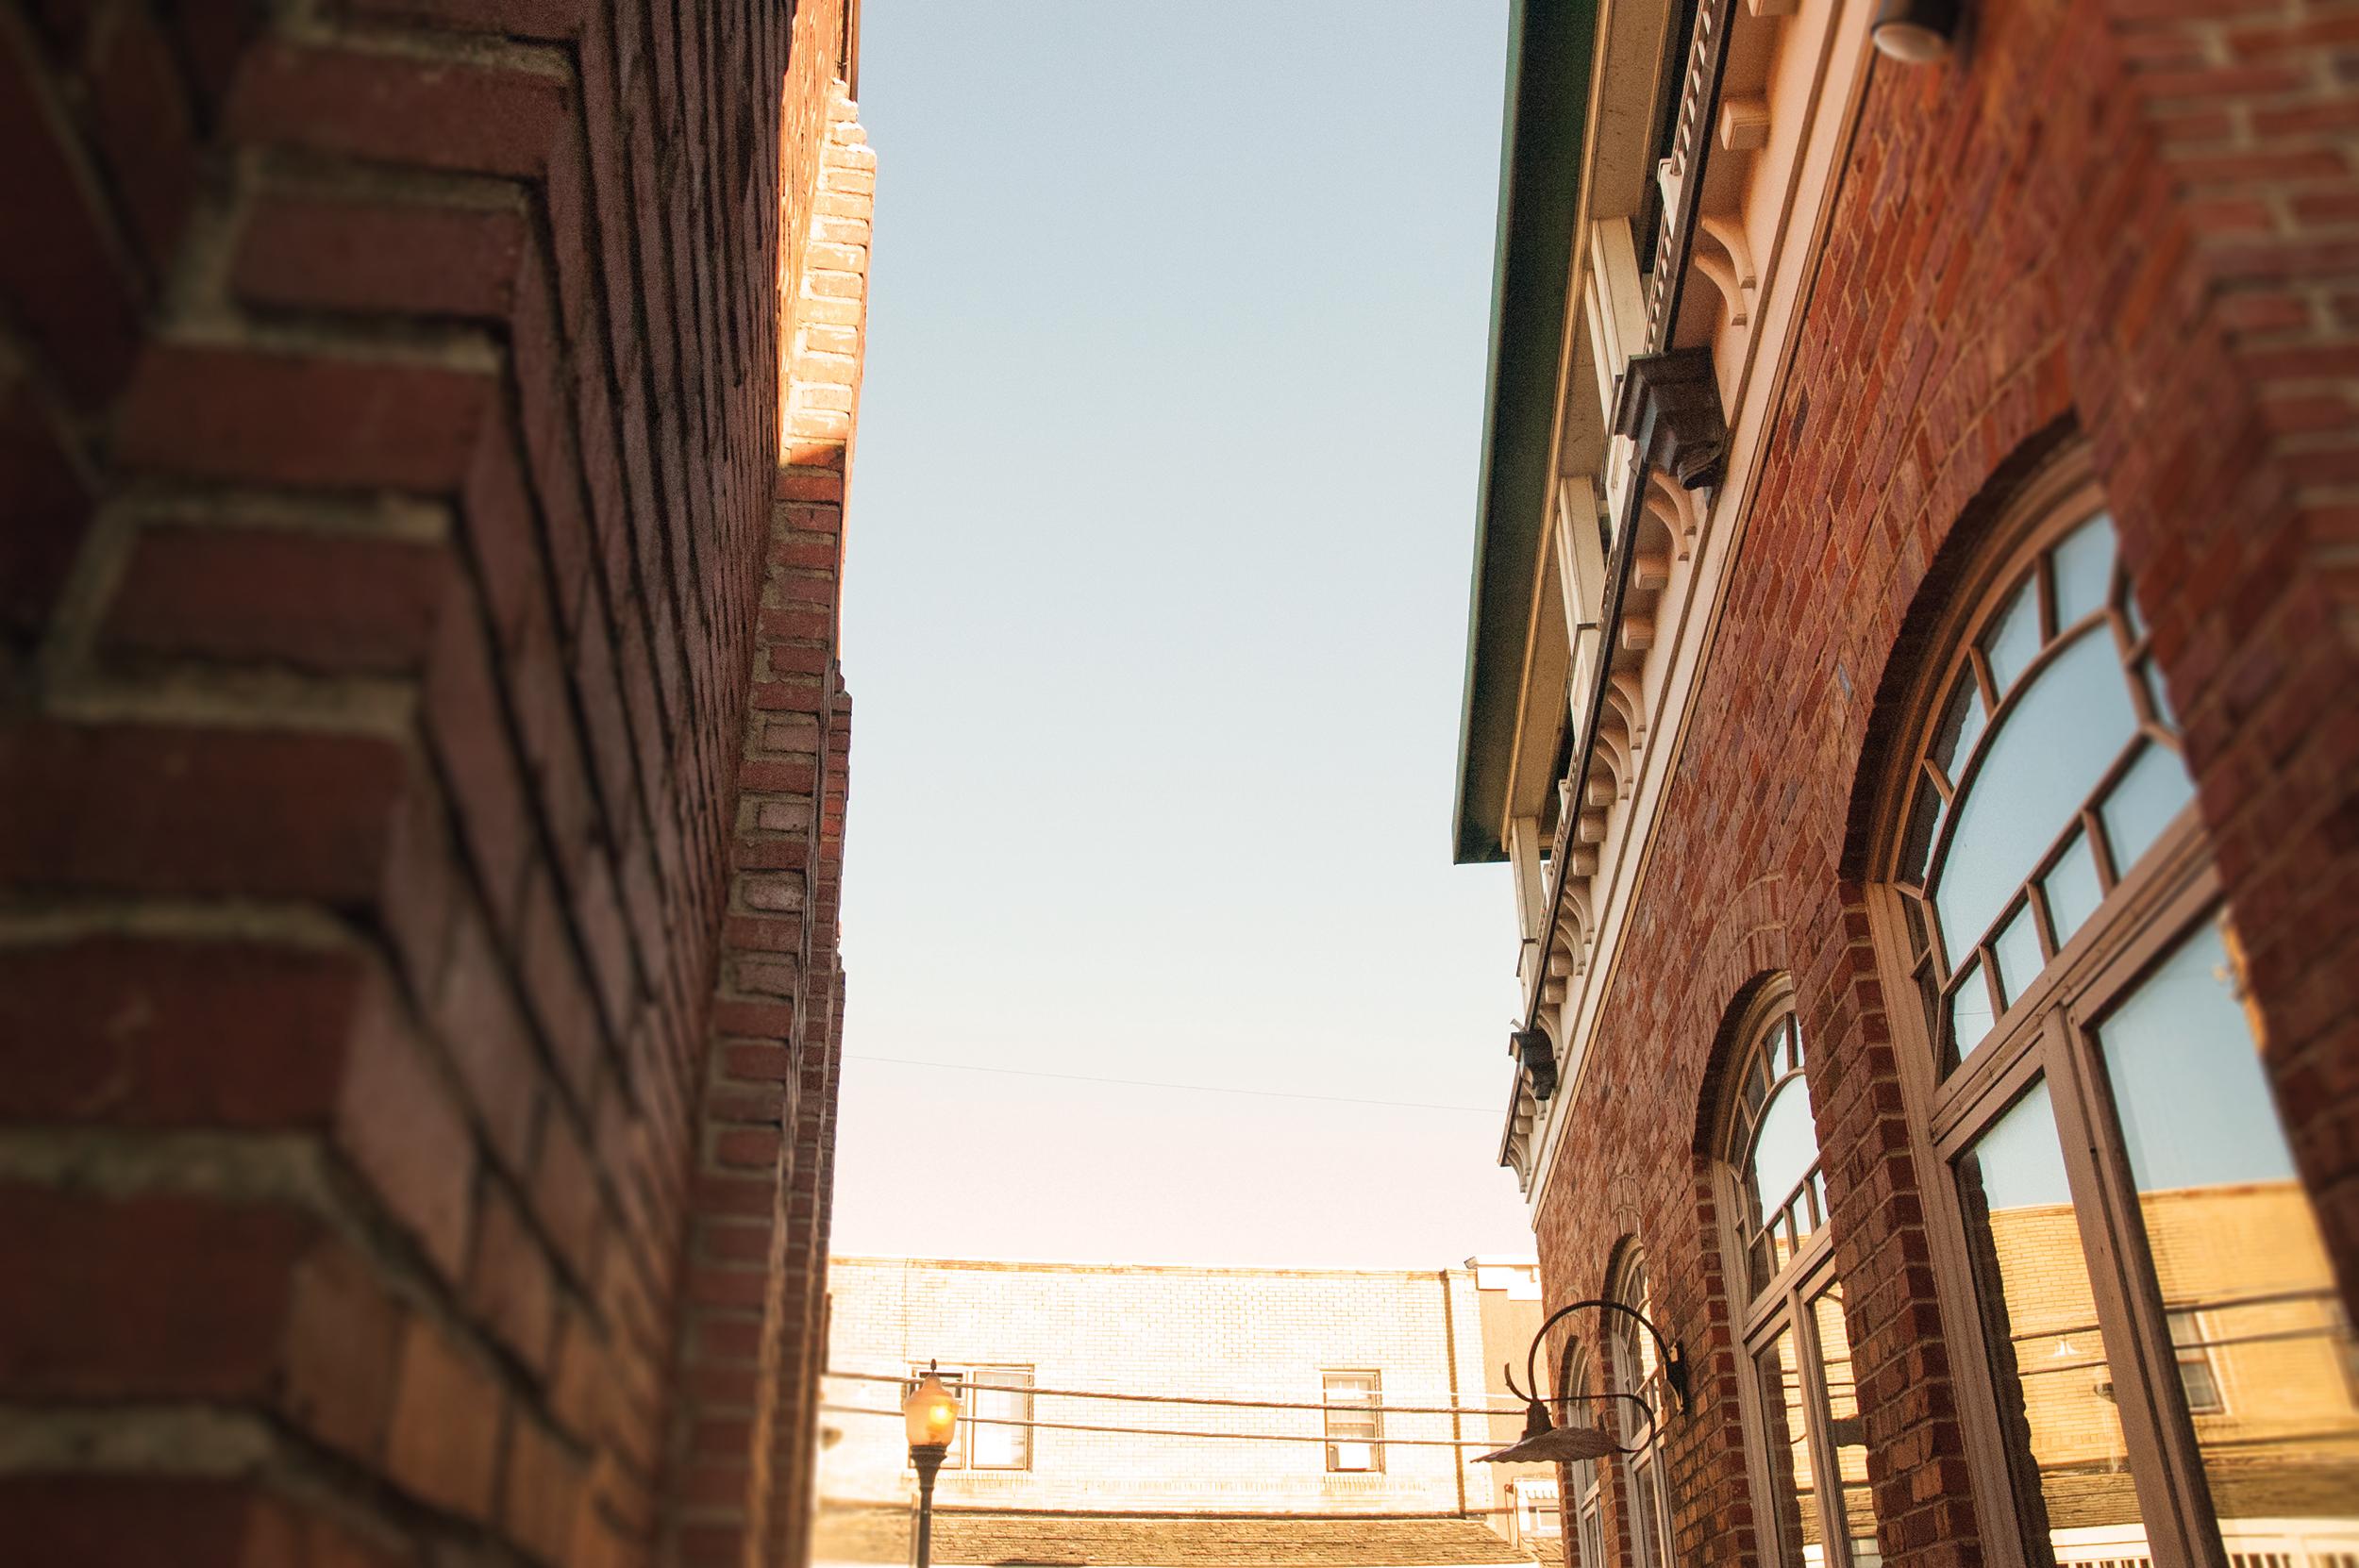 Growler's Alley, Gaithersburg, MD